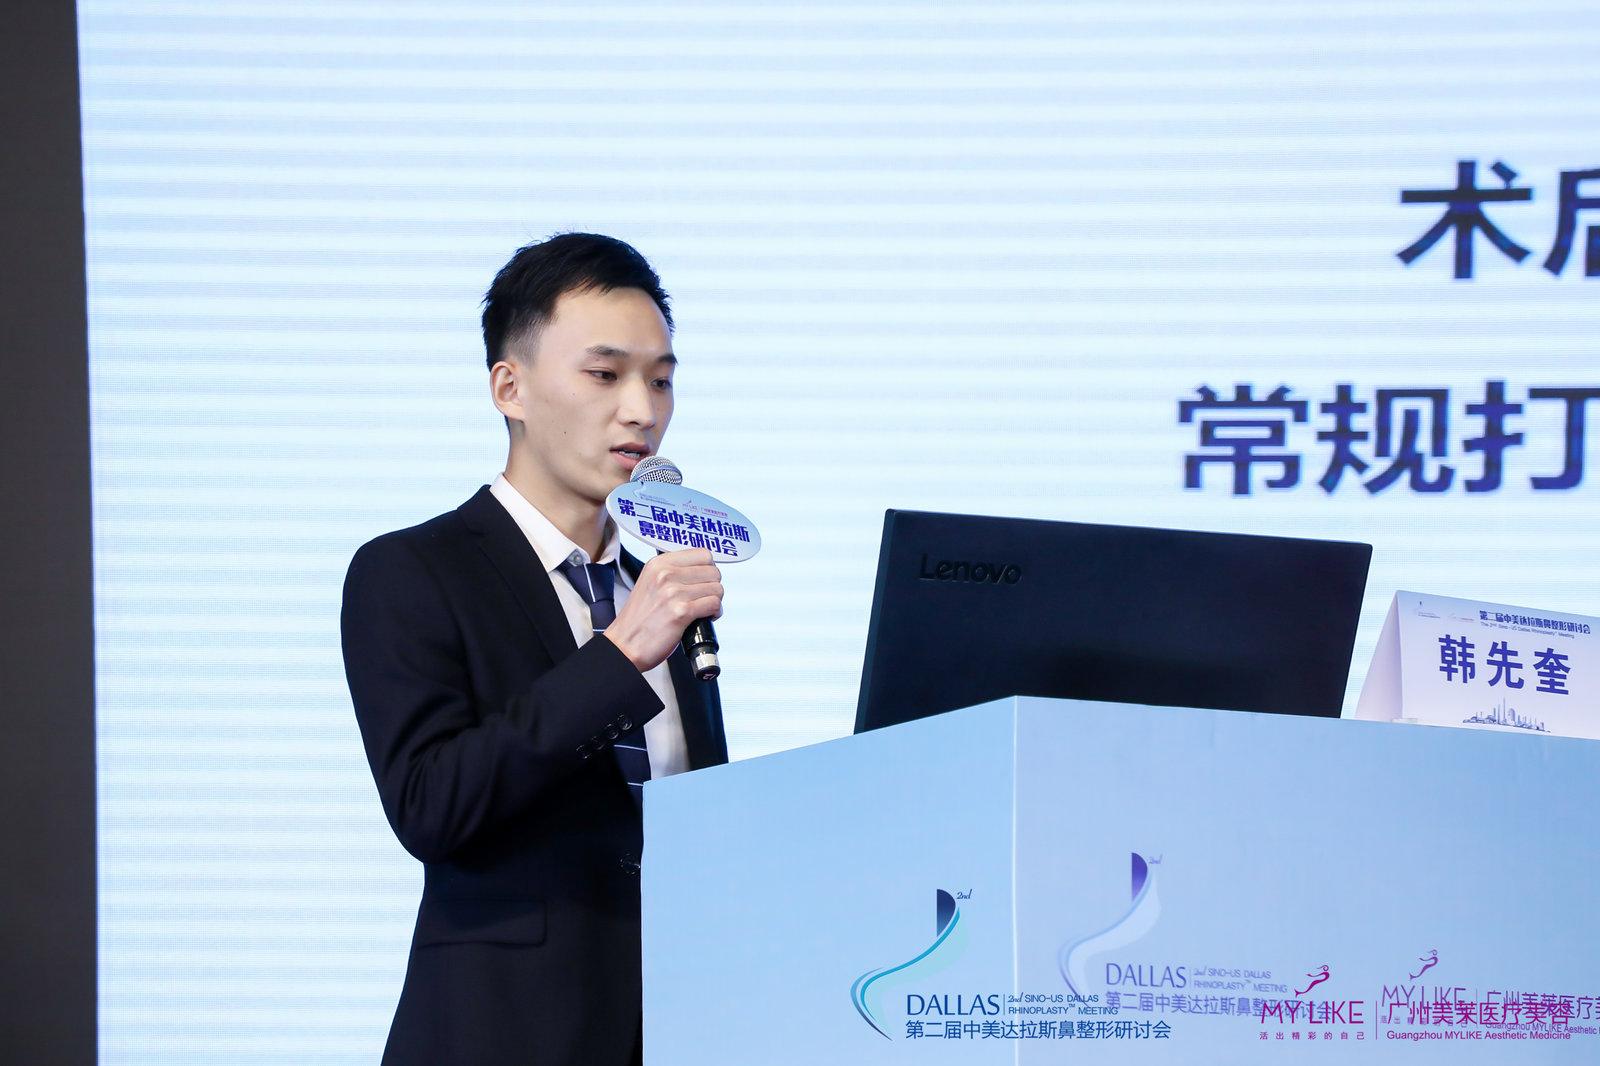 韓先奎醫生正在講解《鼻整形感染預防及感染病例處理分享》.jpg